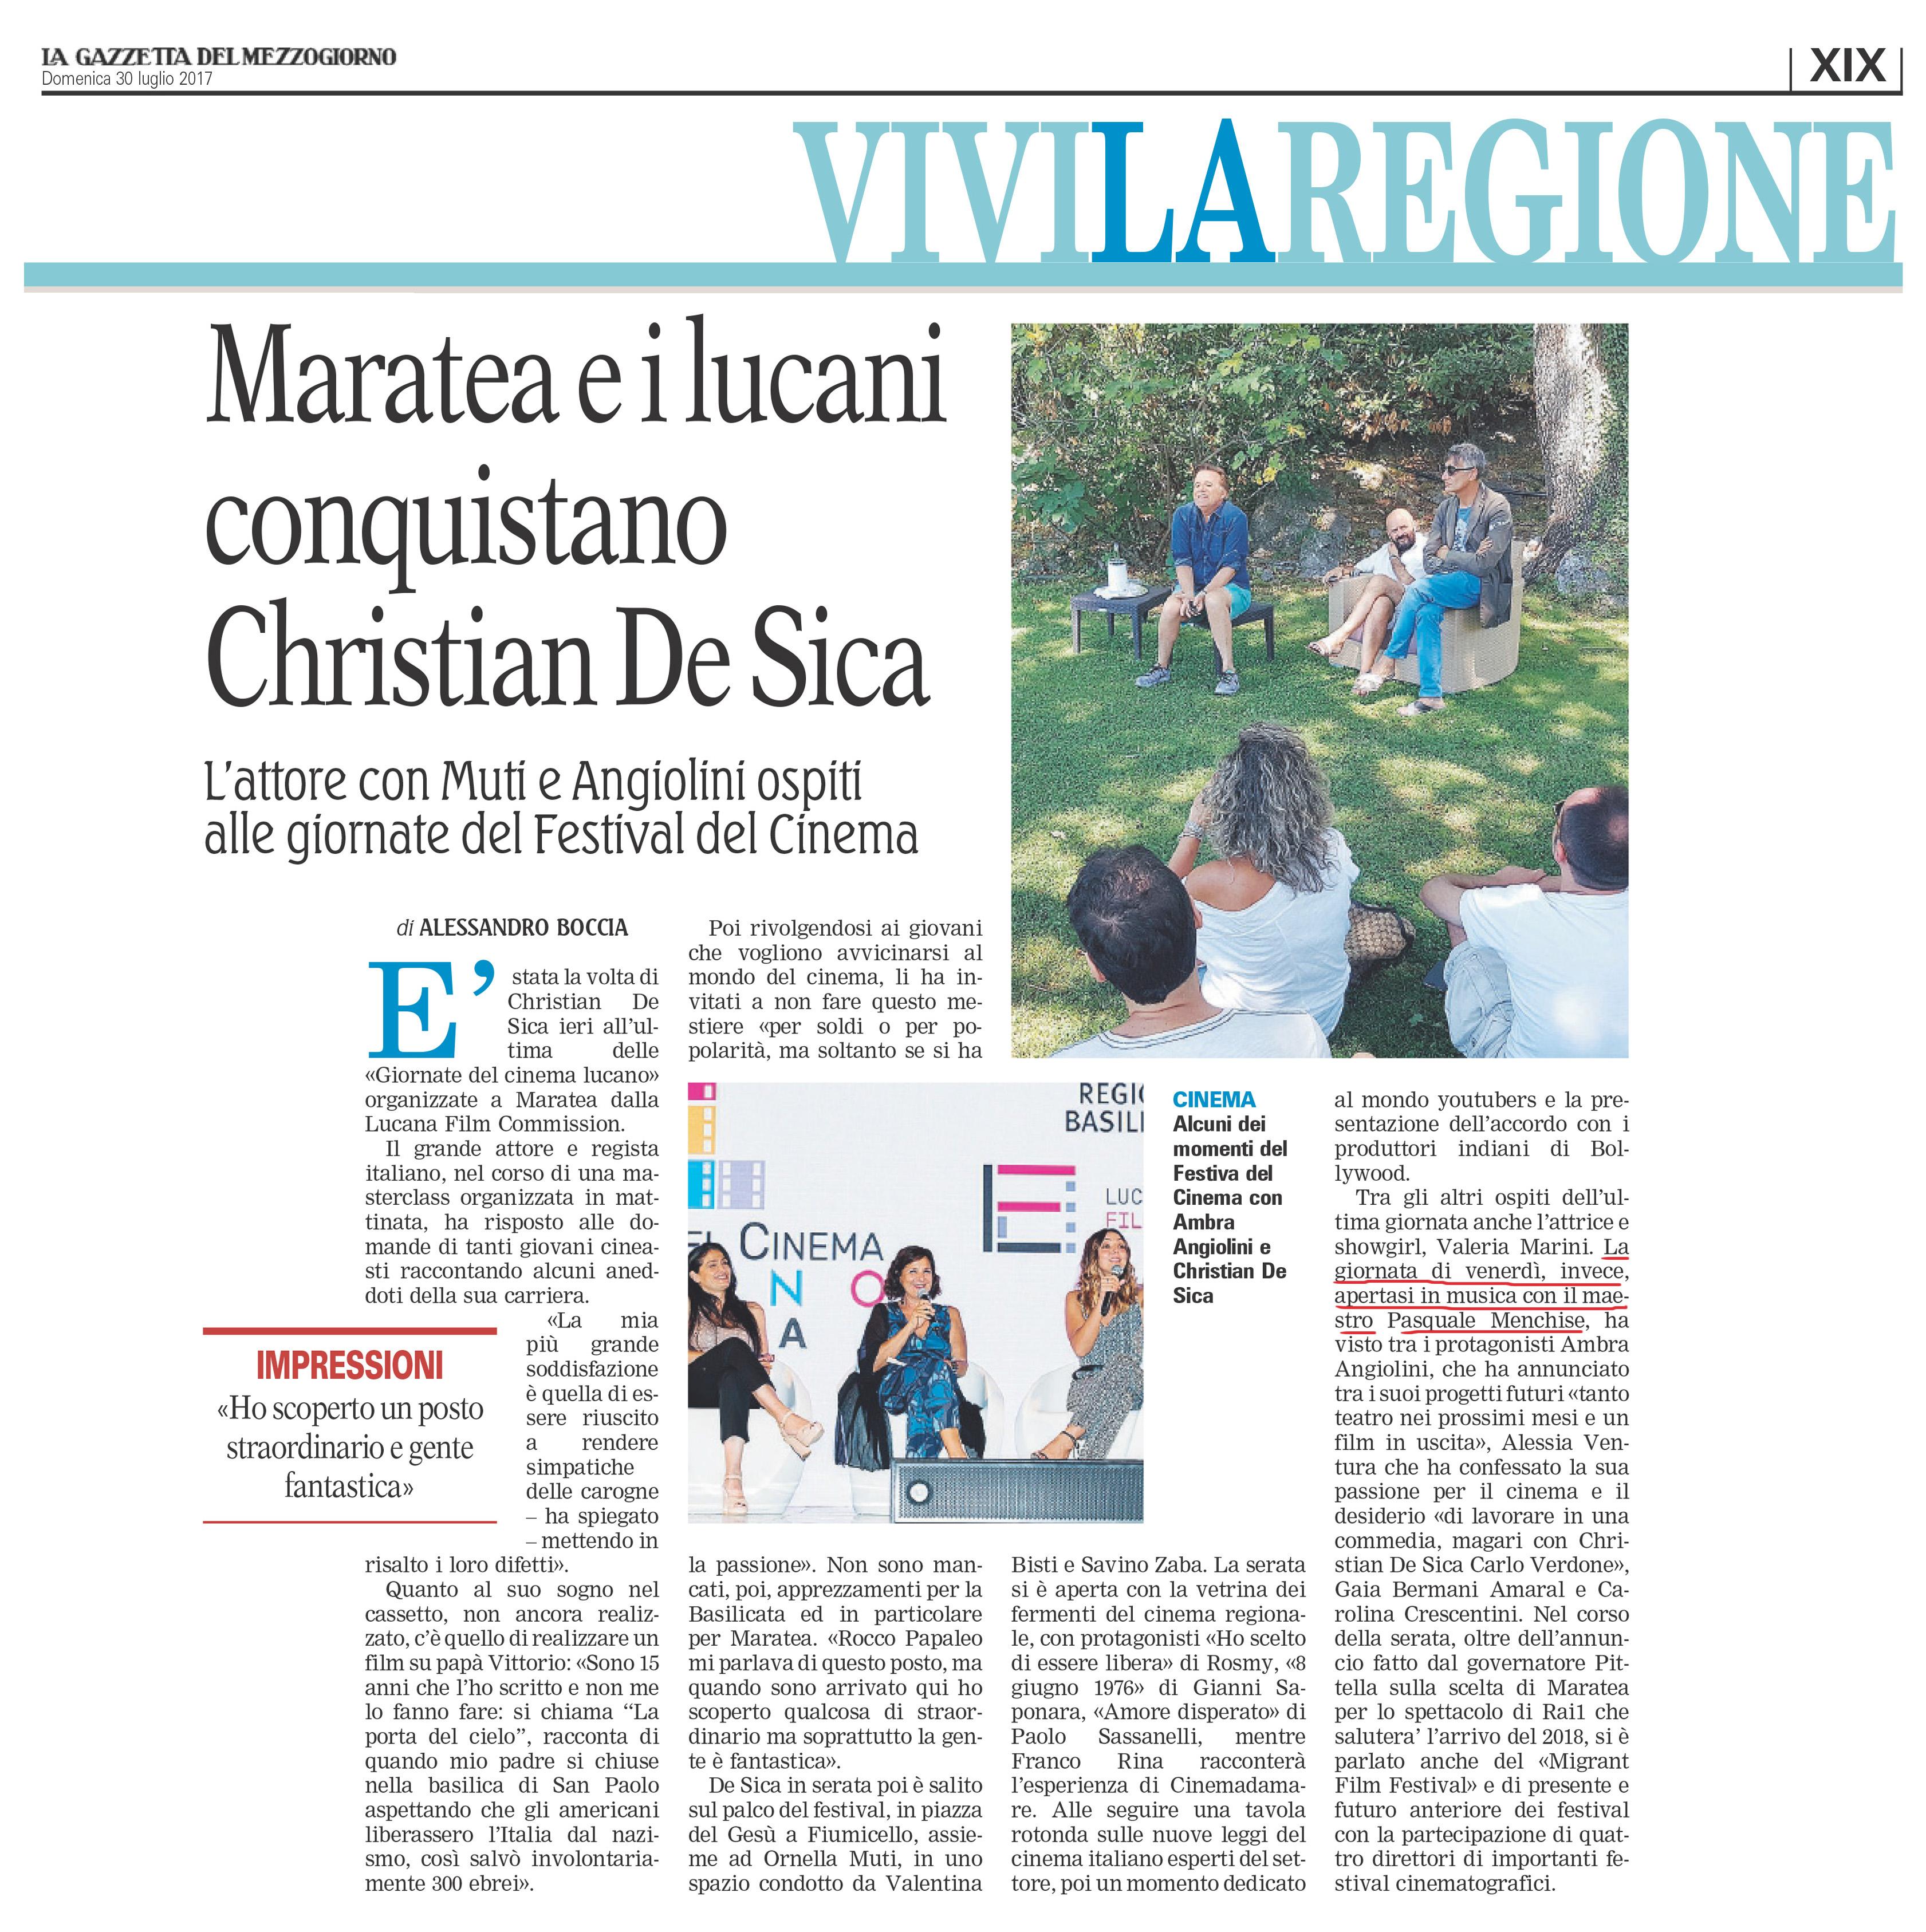 5_La Gazzetta_30 luglio_Matarea